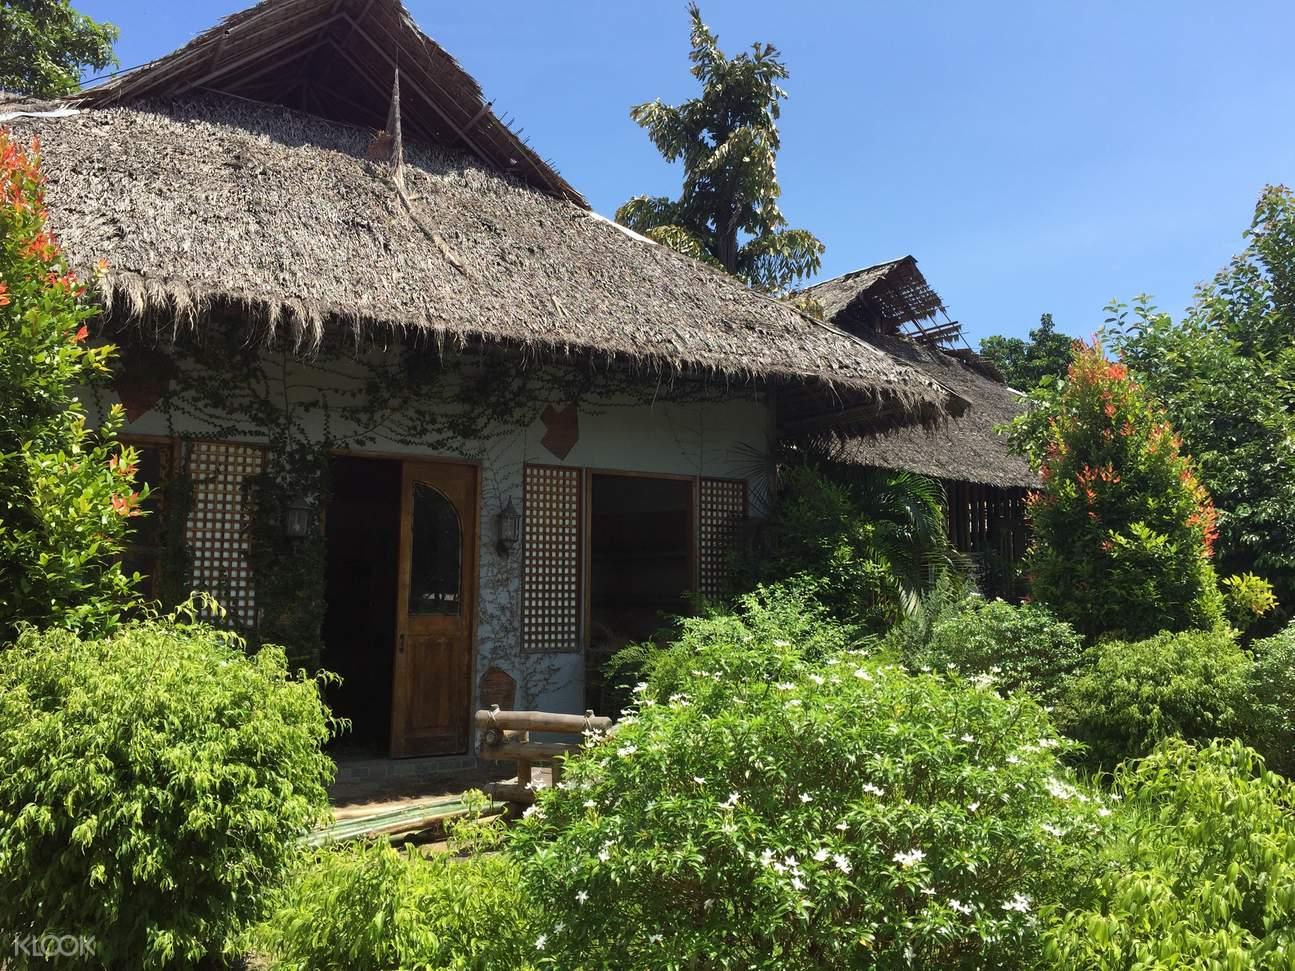 Sidlakang Negros Village Dumaguete